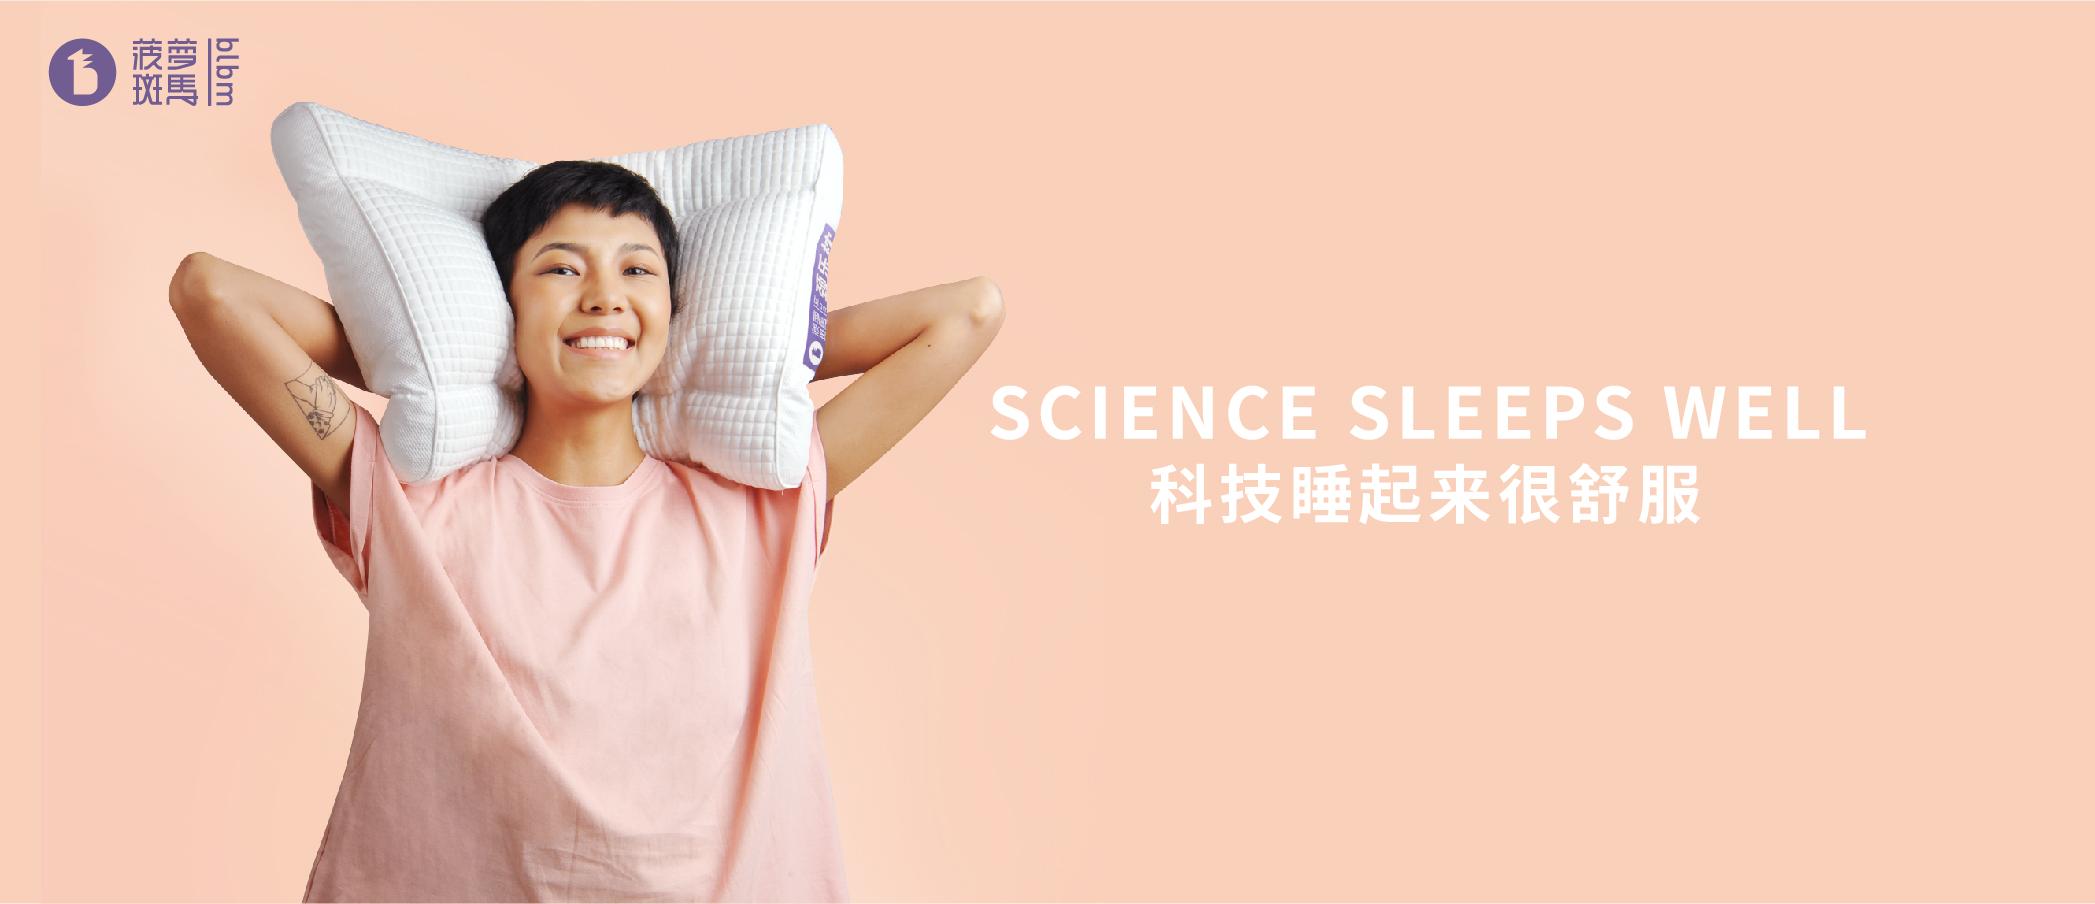 """耐用消费品迎来革新机会,「菠萝斑马」从睡眠切入做""""舒适技术公司"""""""